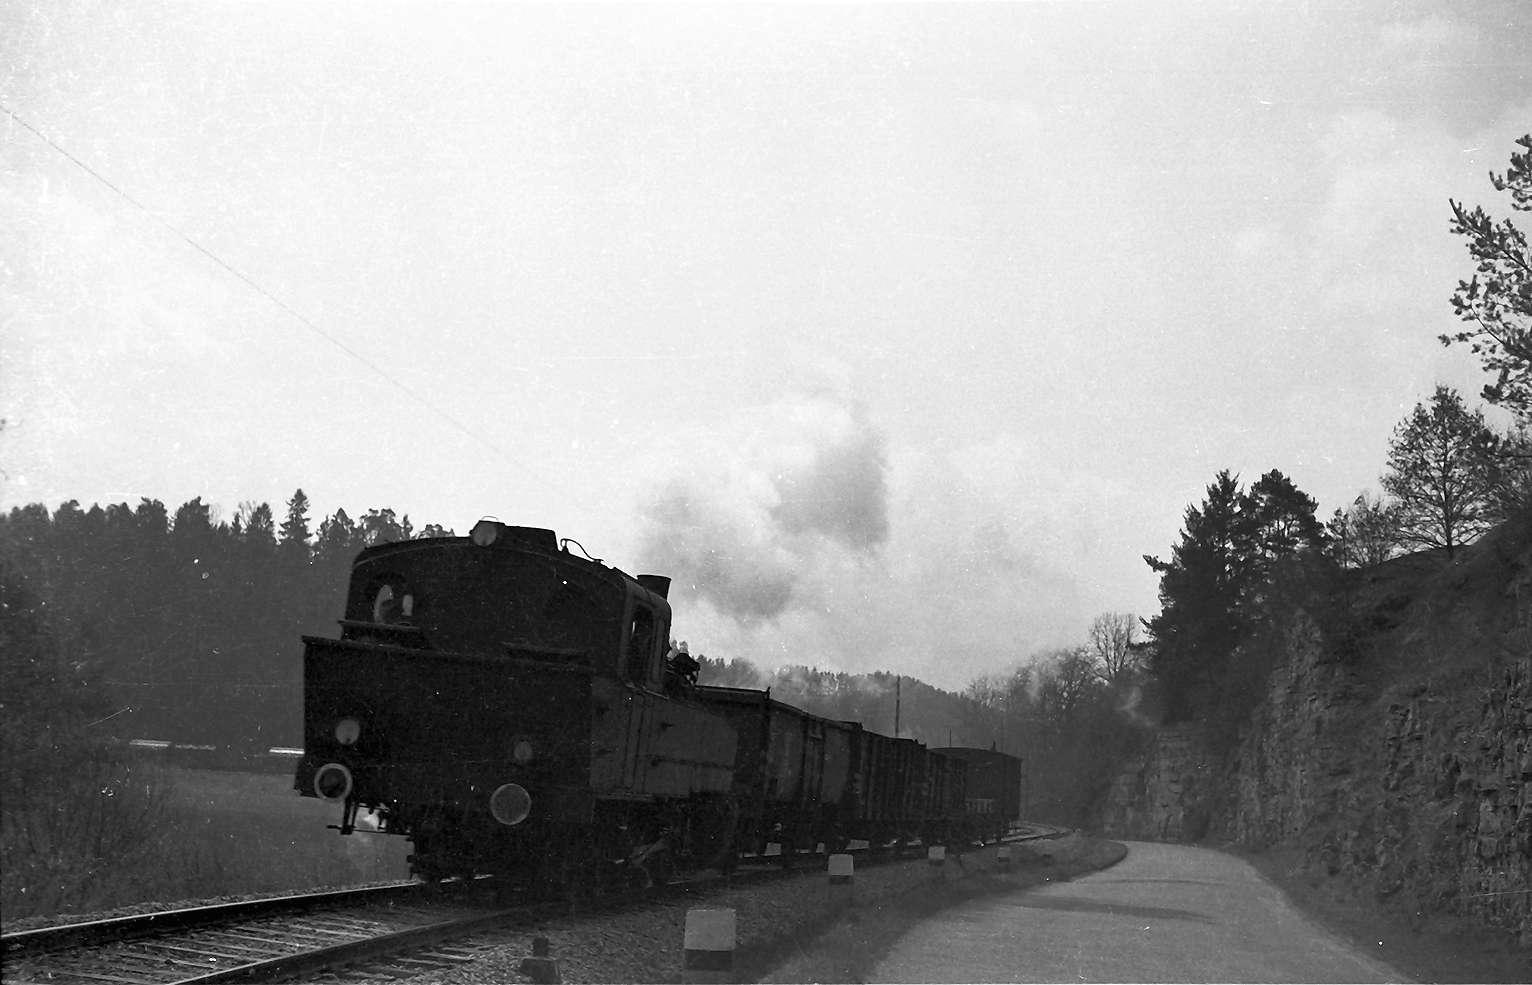 Lok 21, Güterzug 300, Strecke Stetten bei Haigerloch - Haigerloch, seit 1979 ist die Straße daneben ein viel befahrener Autobahnzubringer, Bild 1